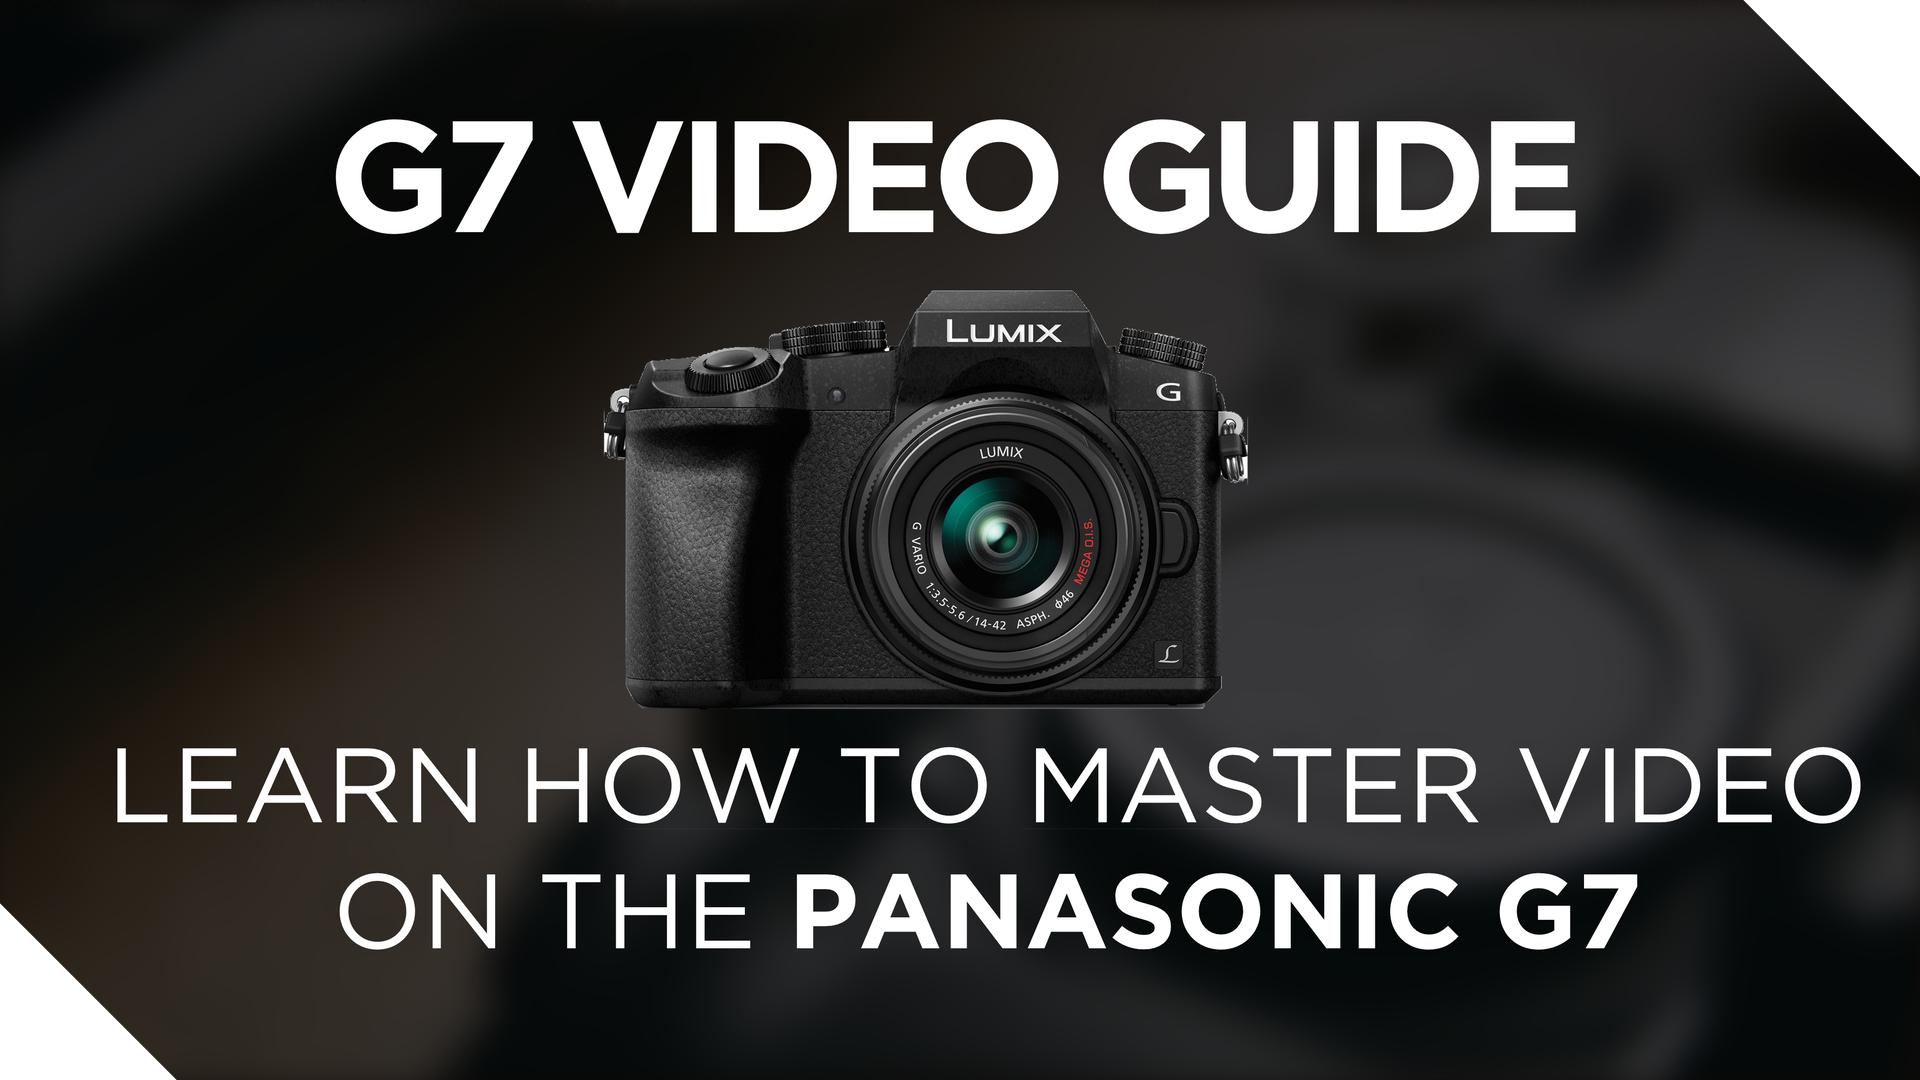 New Panasonic G7 Guide Trailer